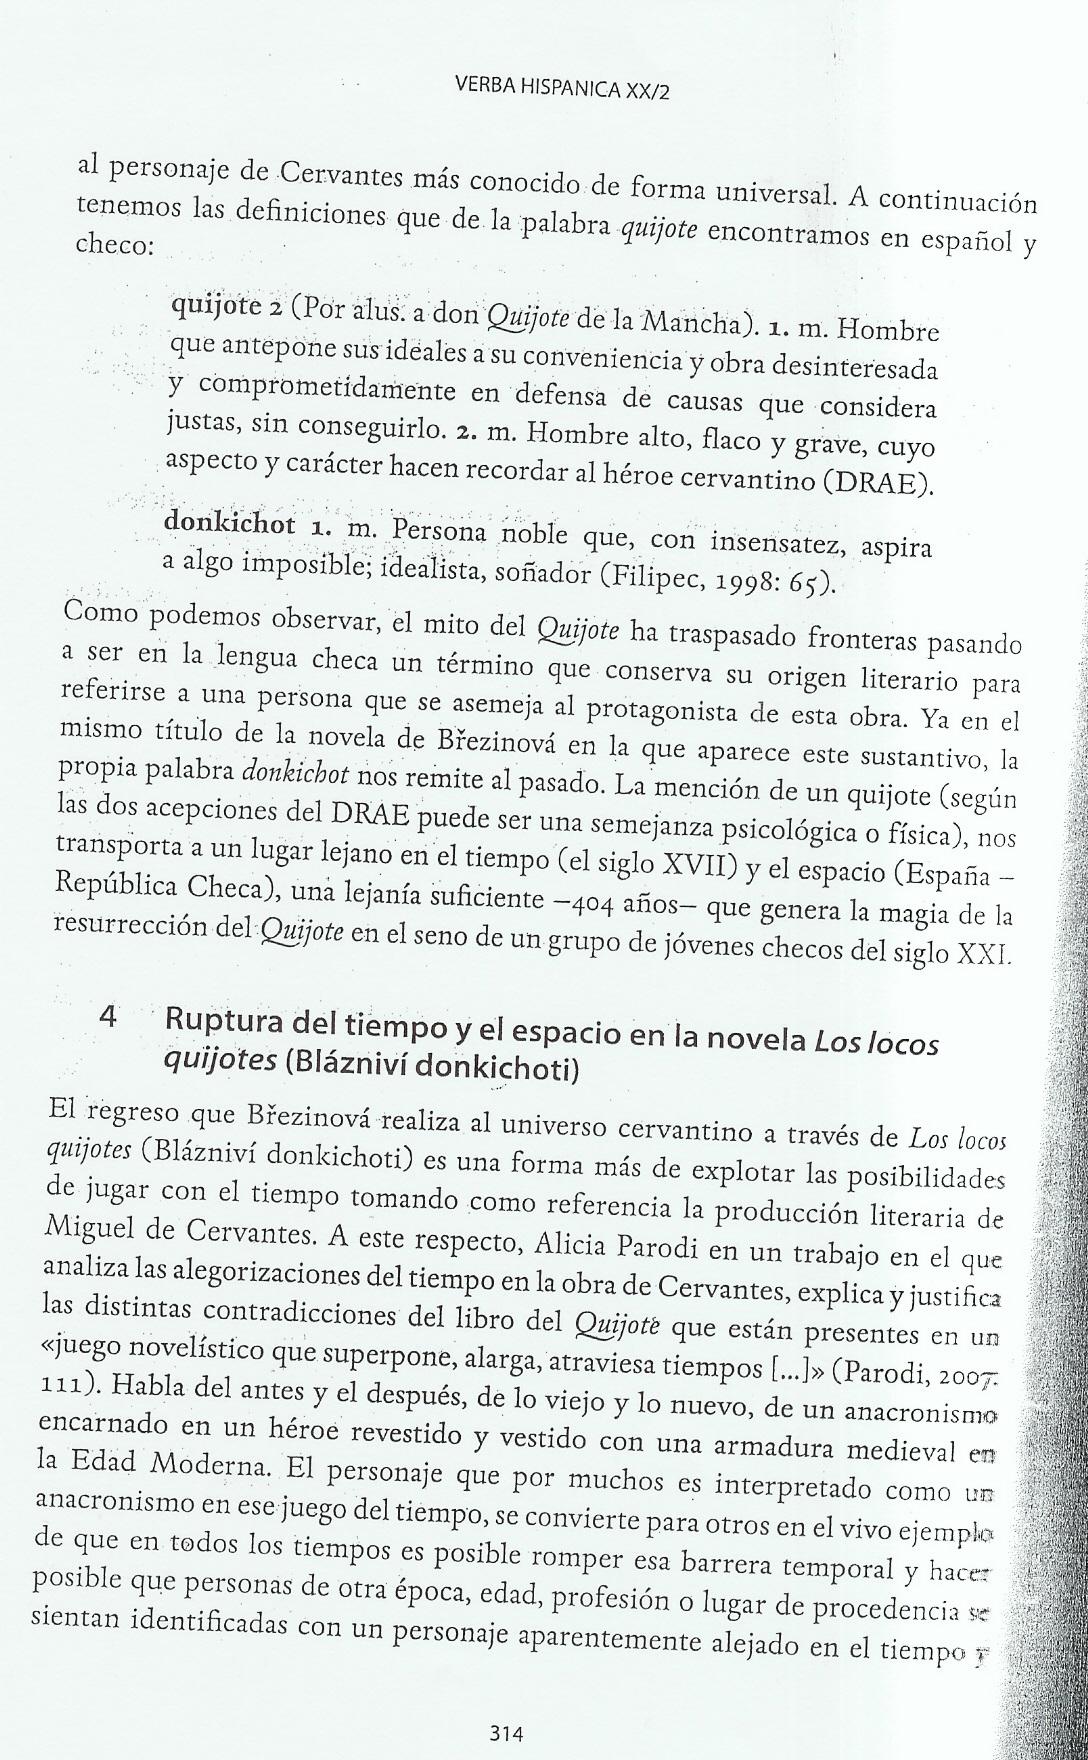 Cristina_Simón_Alegre_s8